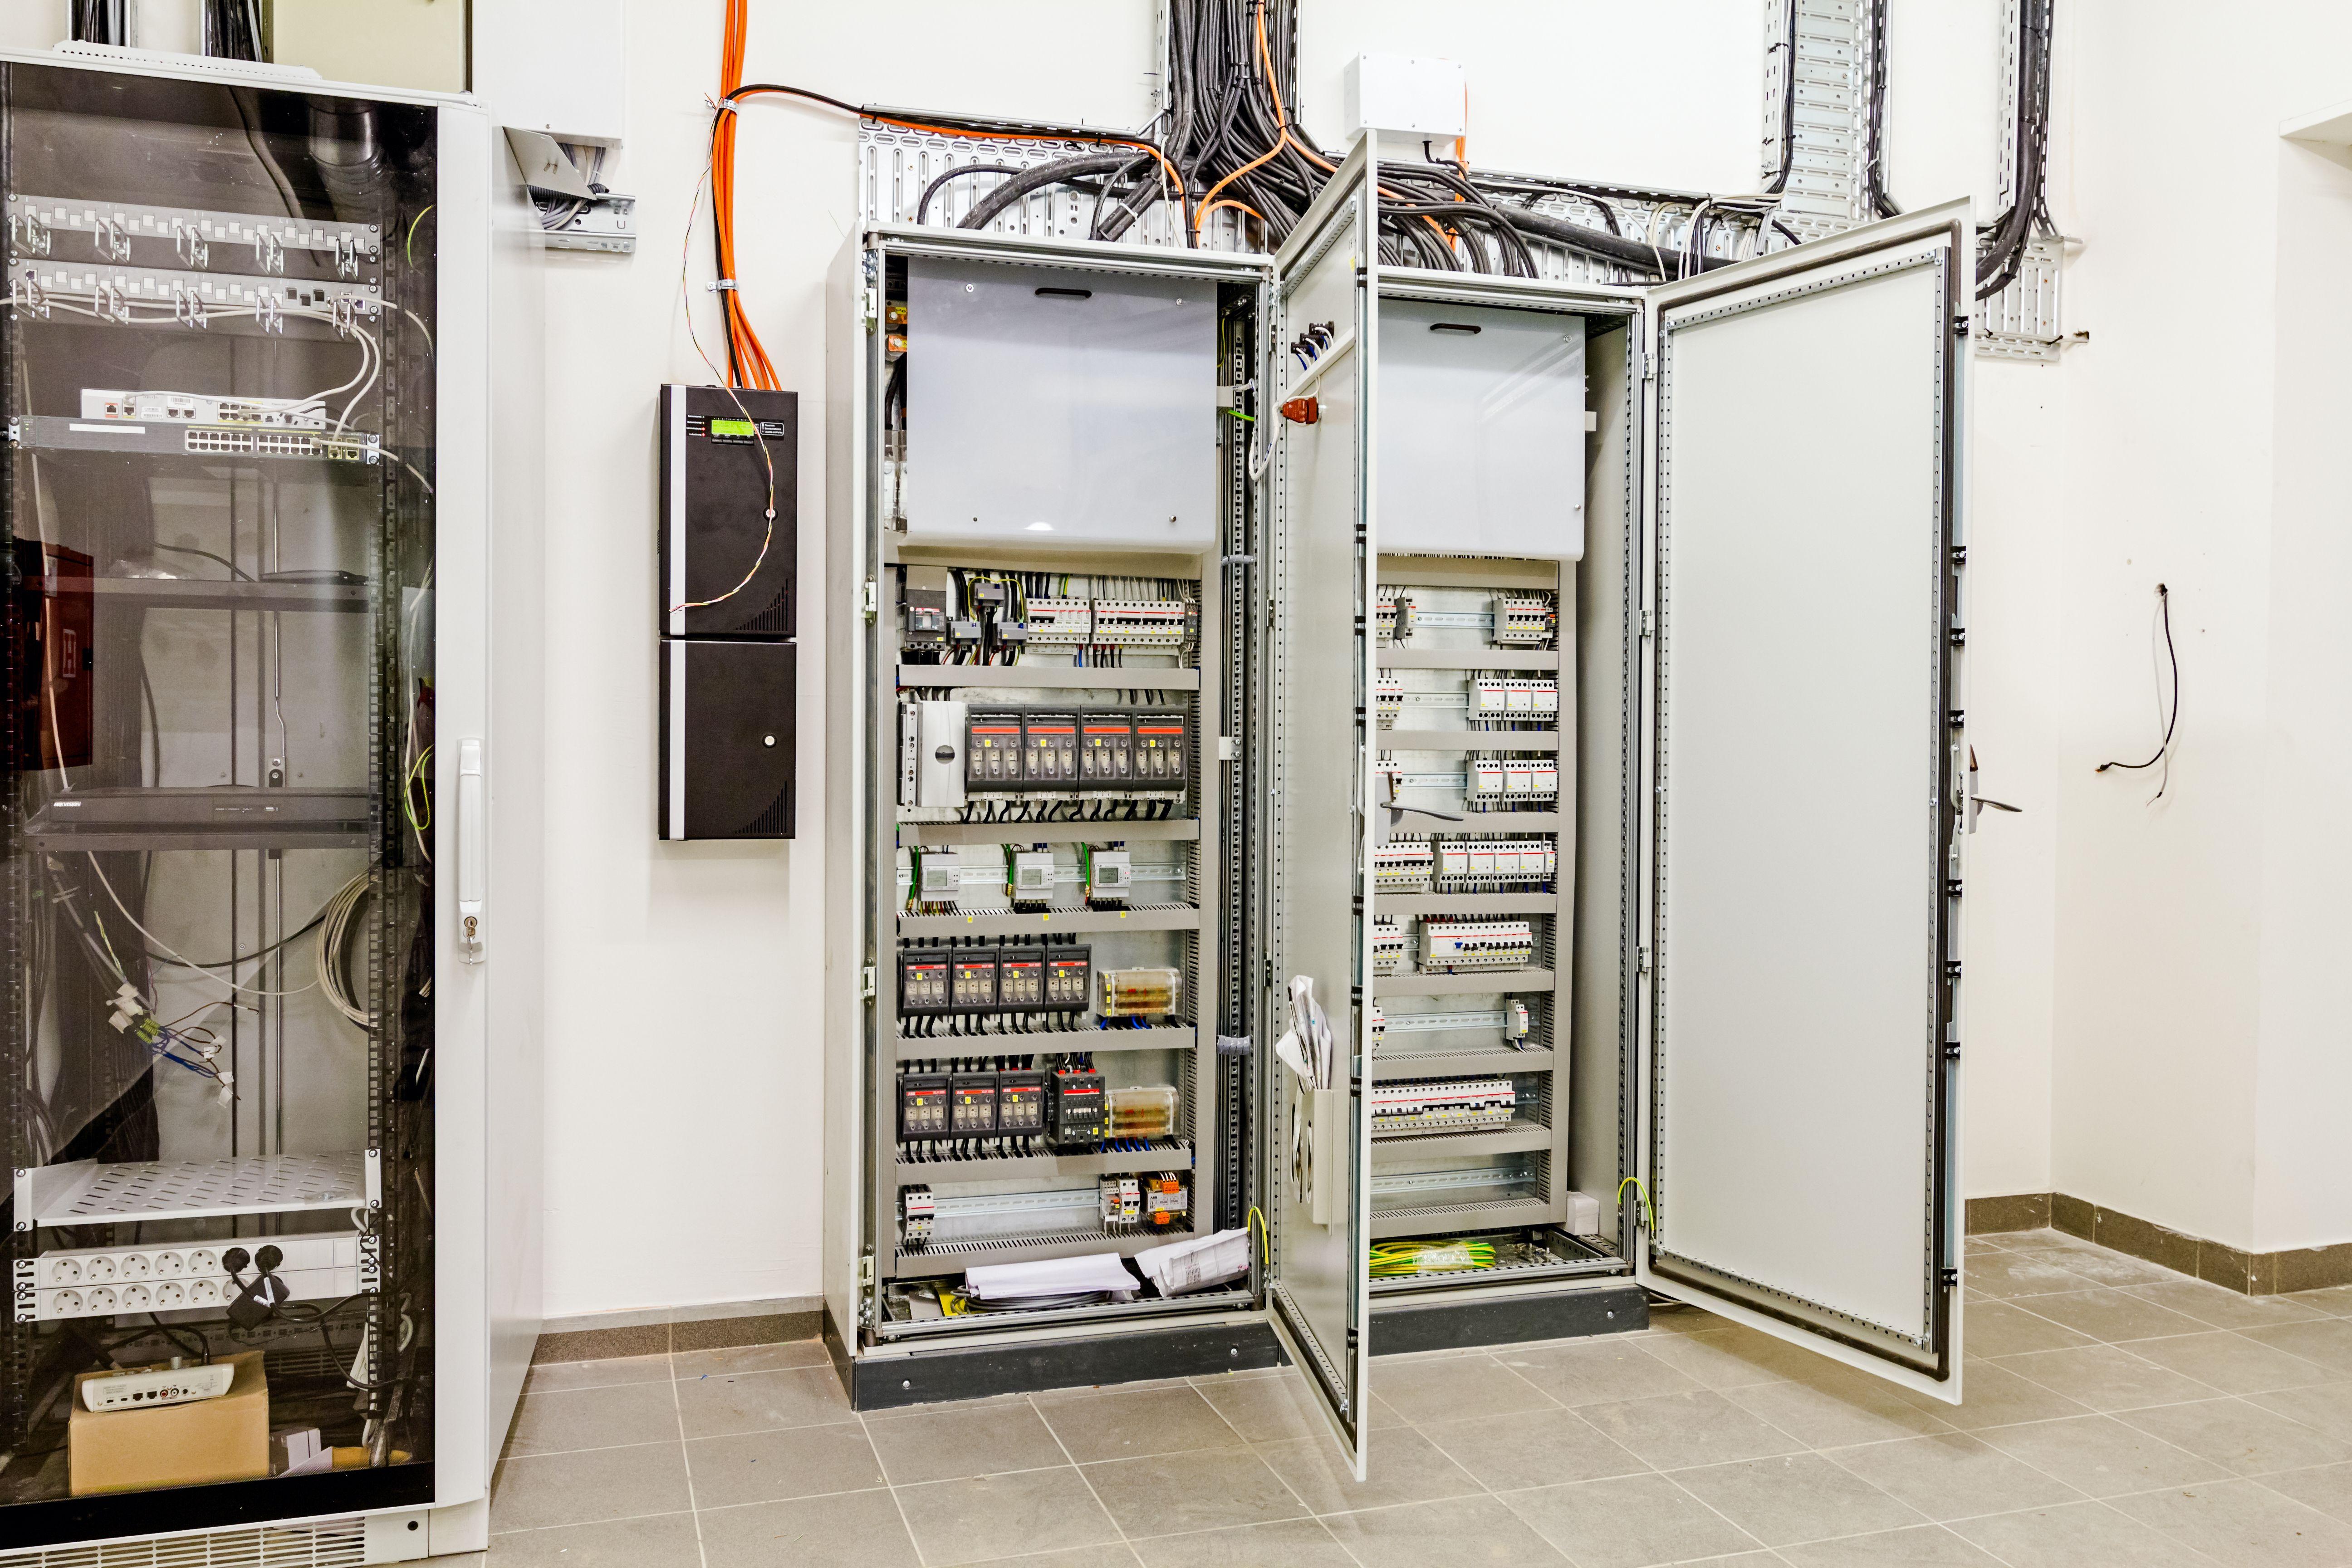 Electricista de mantenimiento en Salamanca